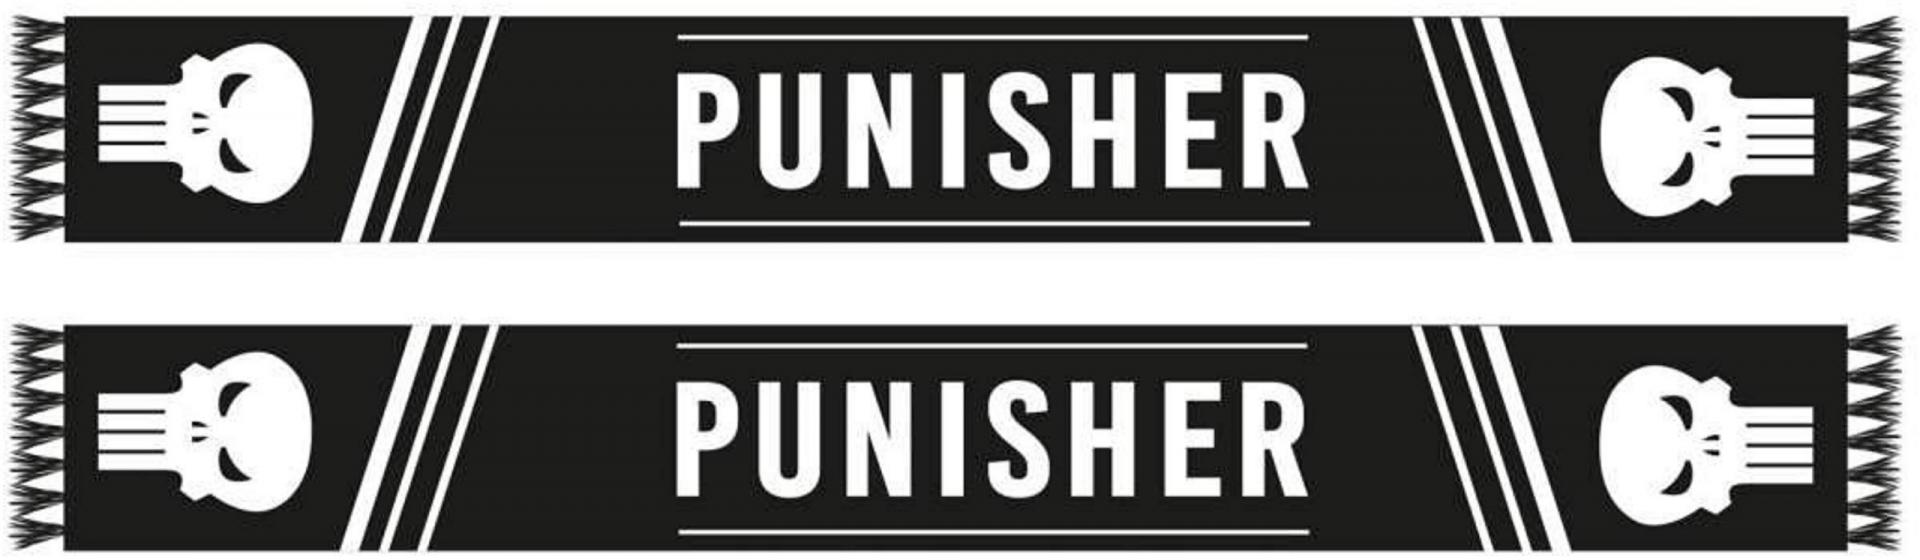 Echarpe punisher recto verso